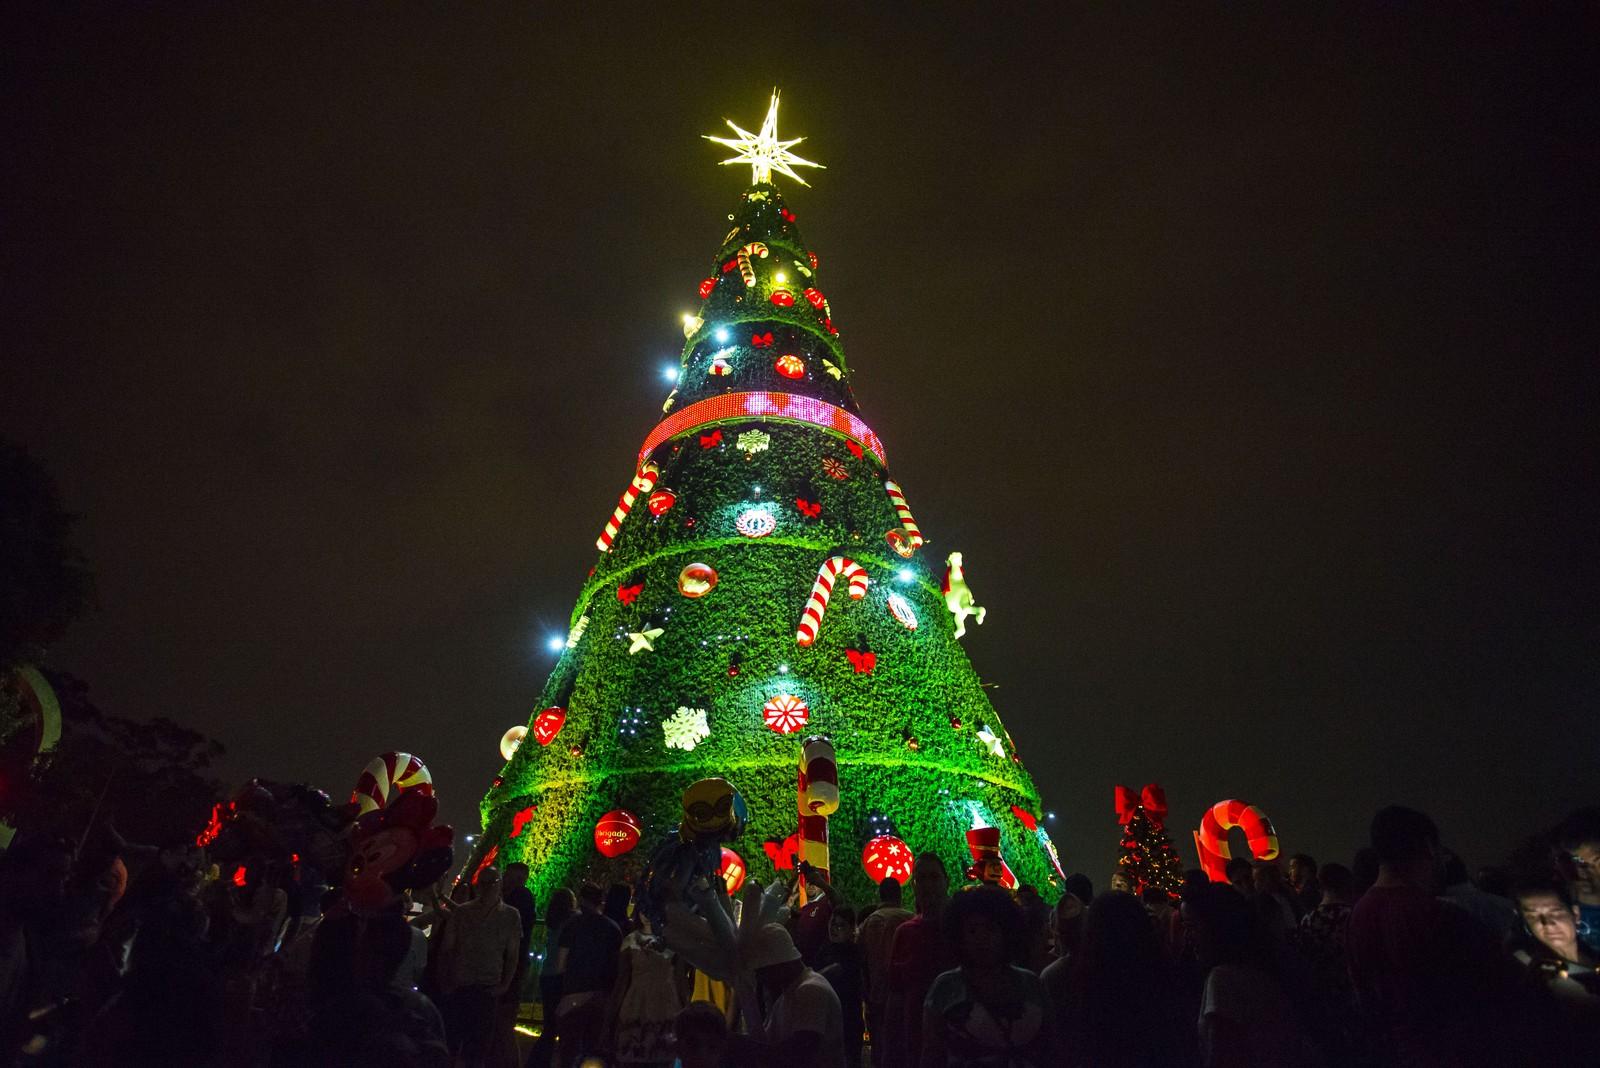 Árvore de Natal é inaugurada no Parque do Ibirapuera